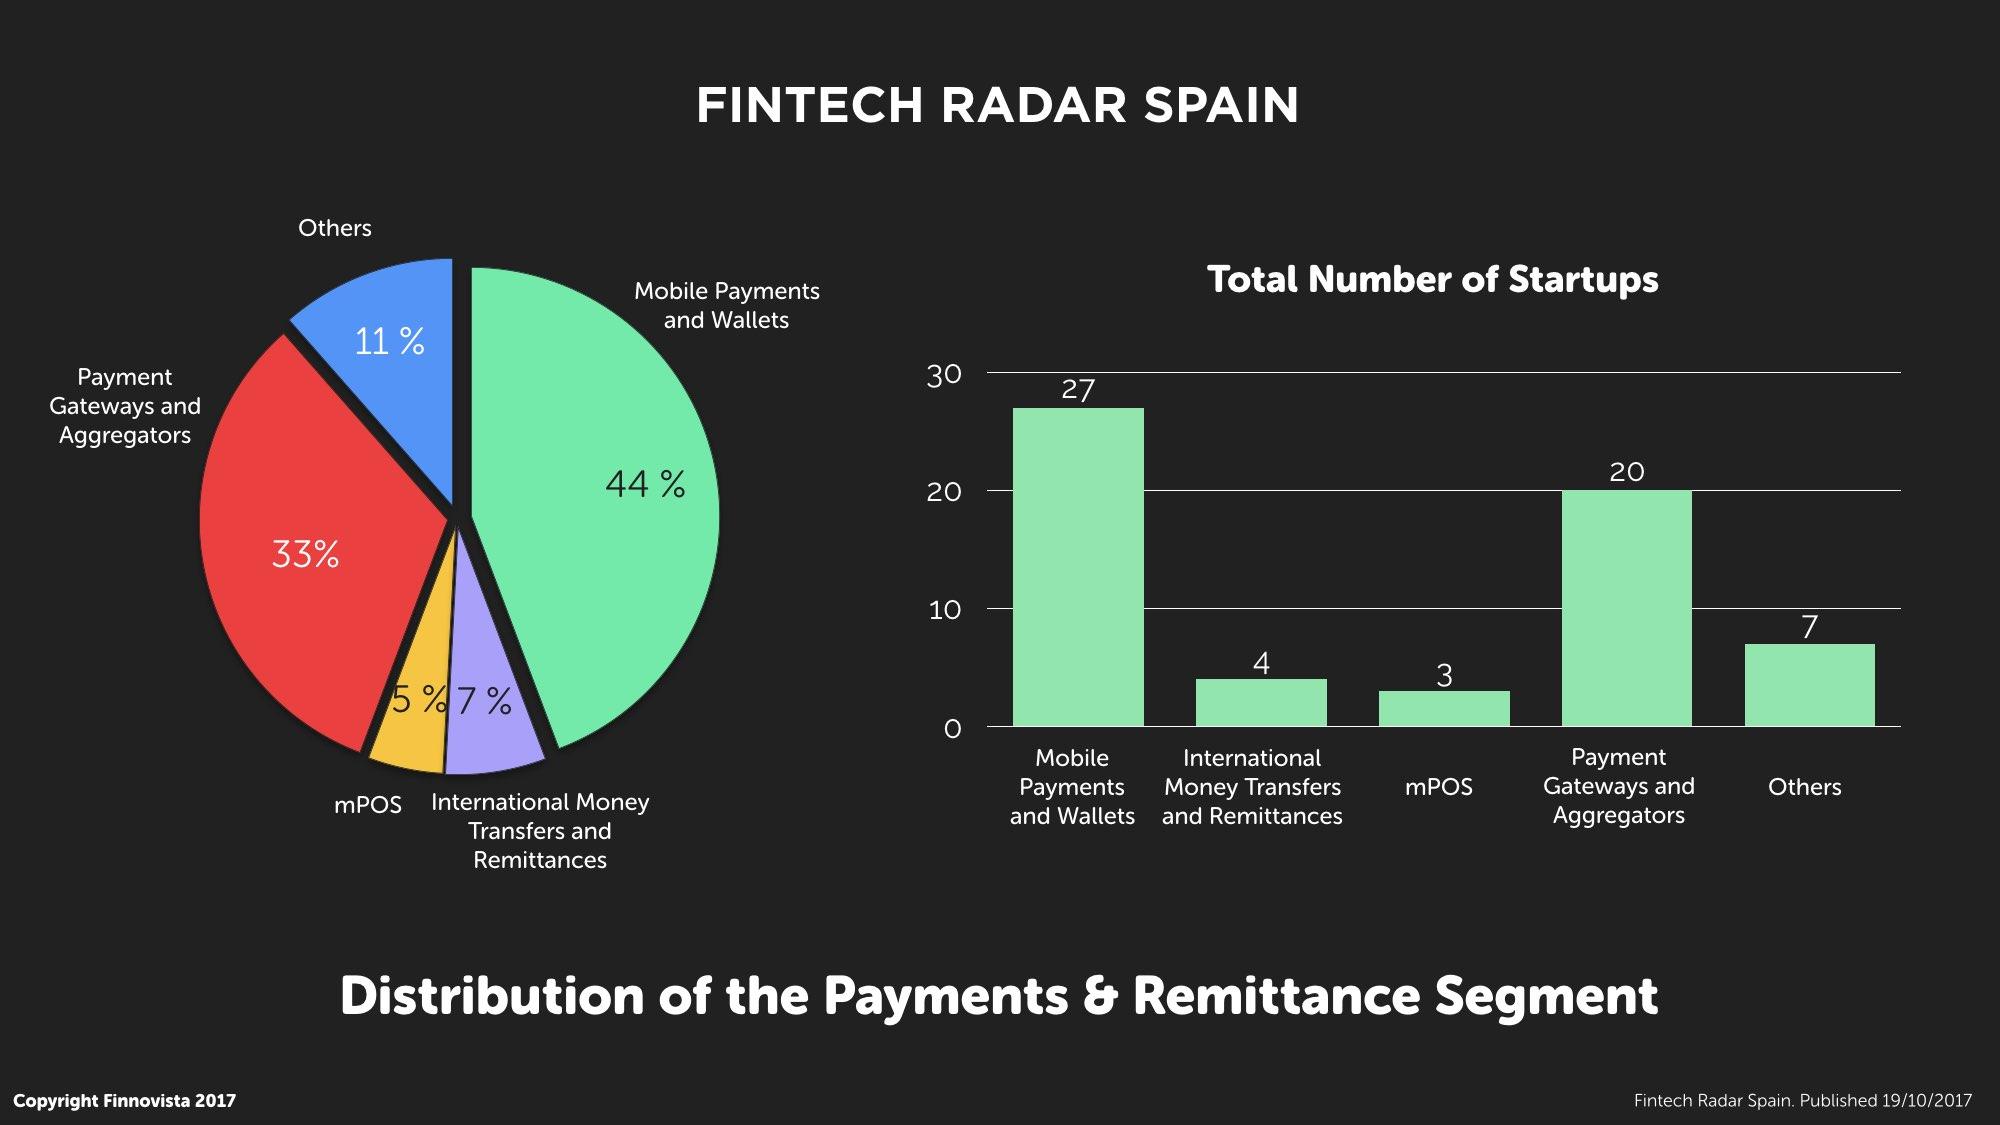 3-Fintech-Radar-Spain.001